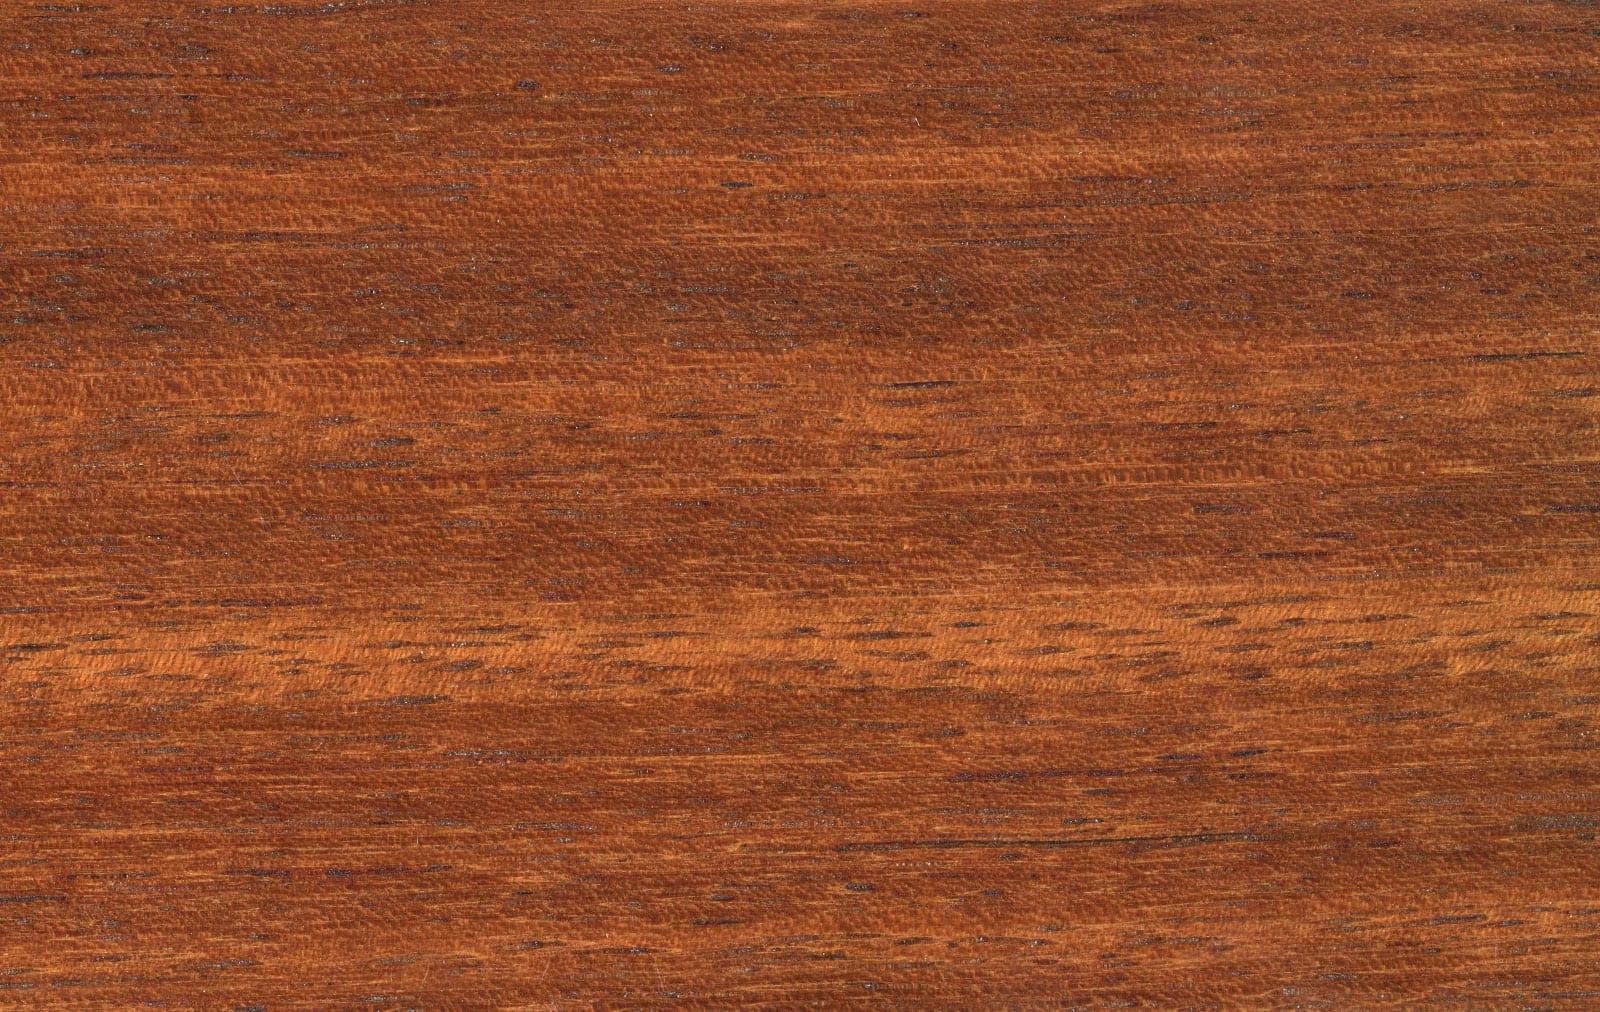 solid-wood-kwila